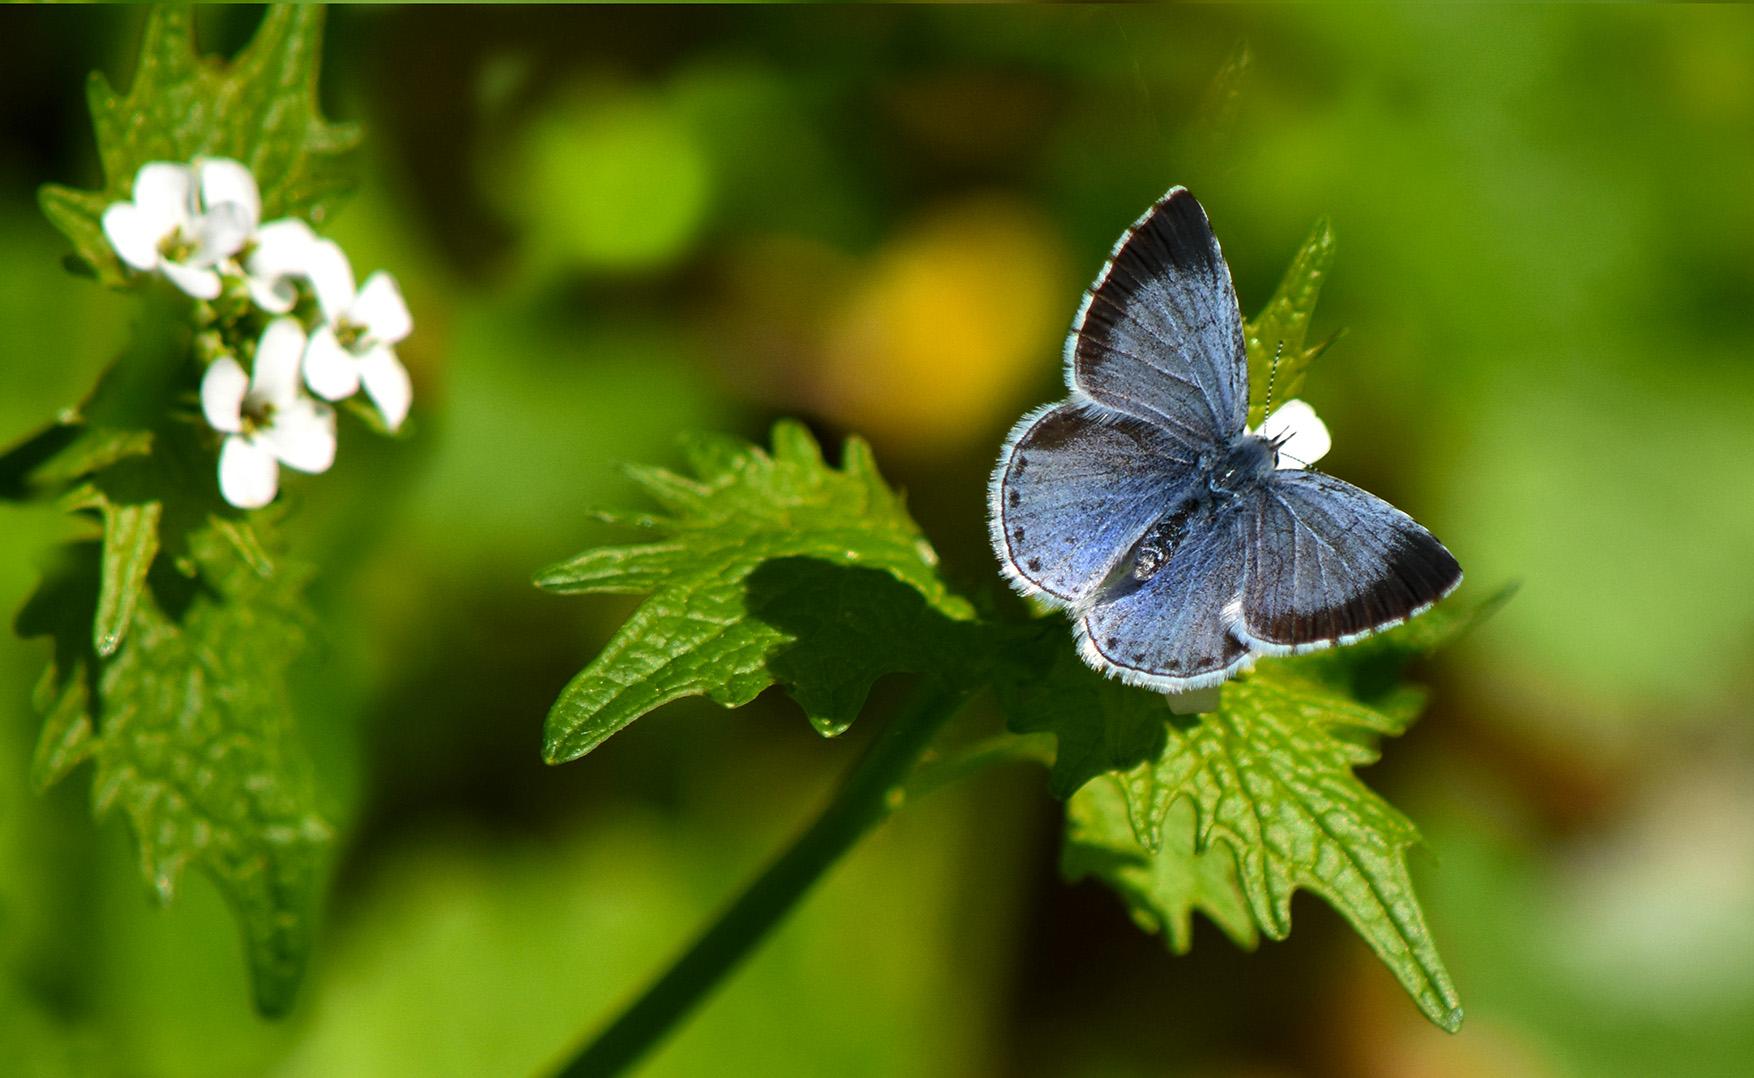 Ineens vloog daar het Boomblauwtje, het prachtige blauwe wezentje valt meteen op tussen het groen - Foto: ©Louis Fraanje